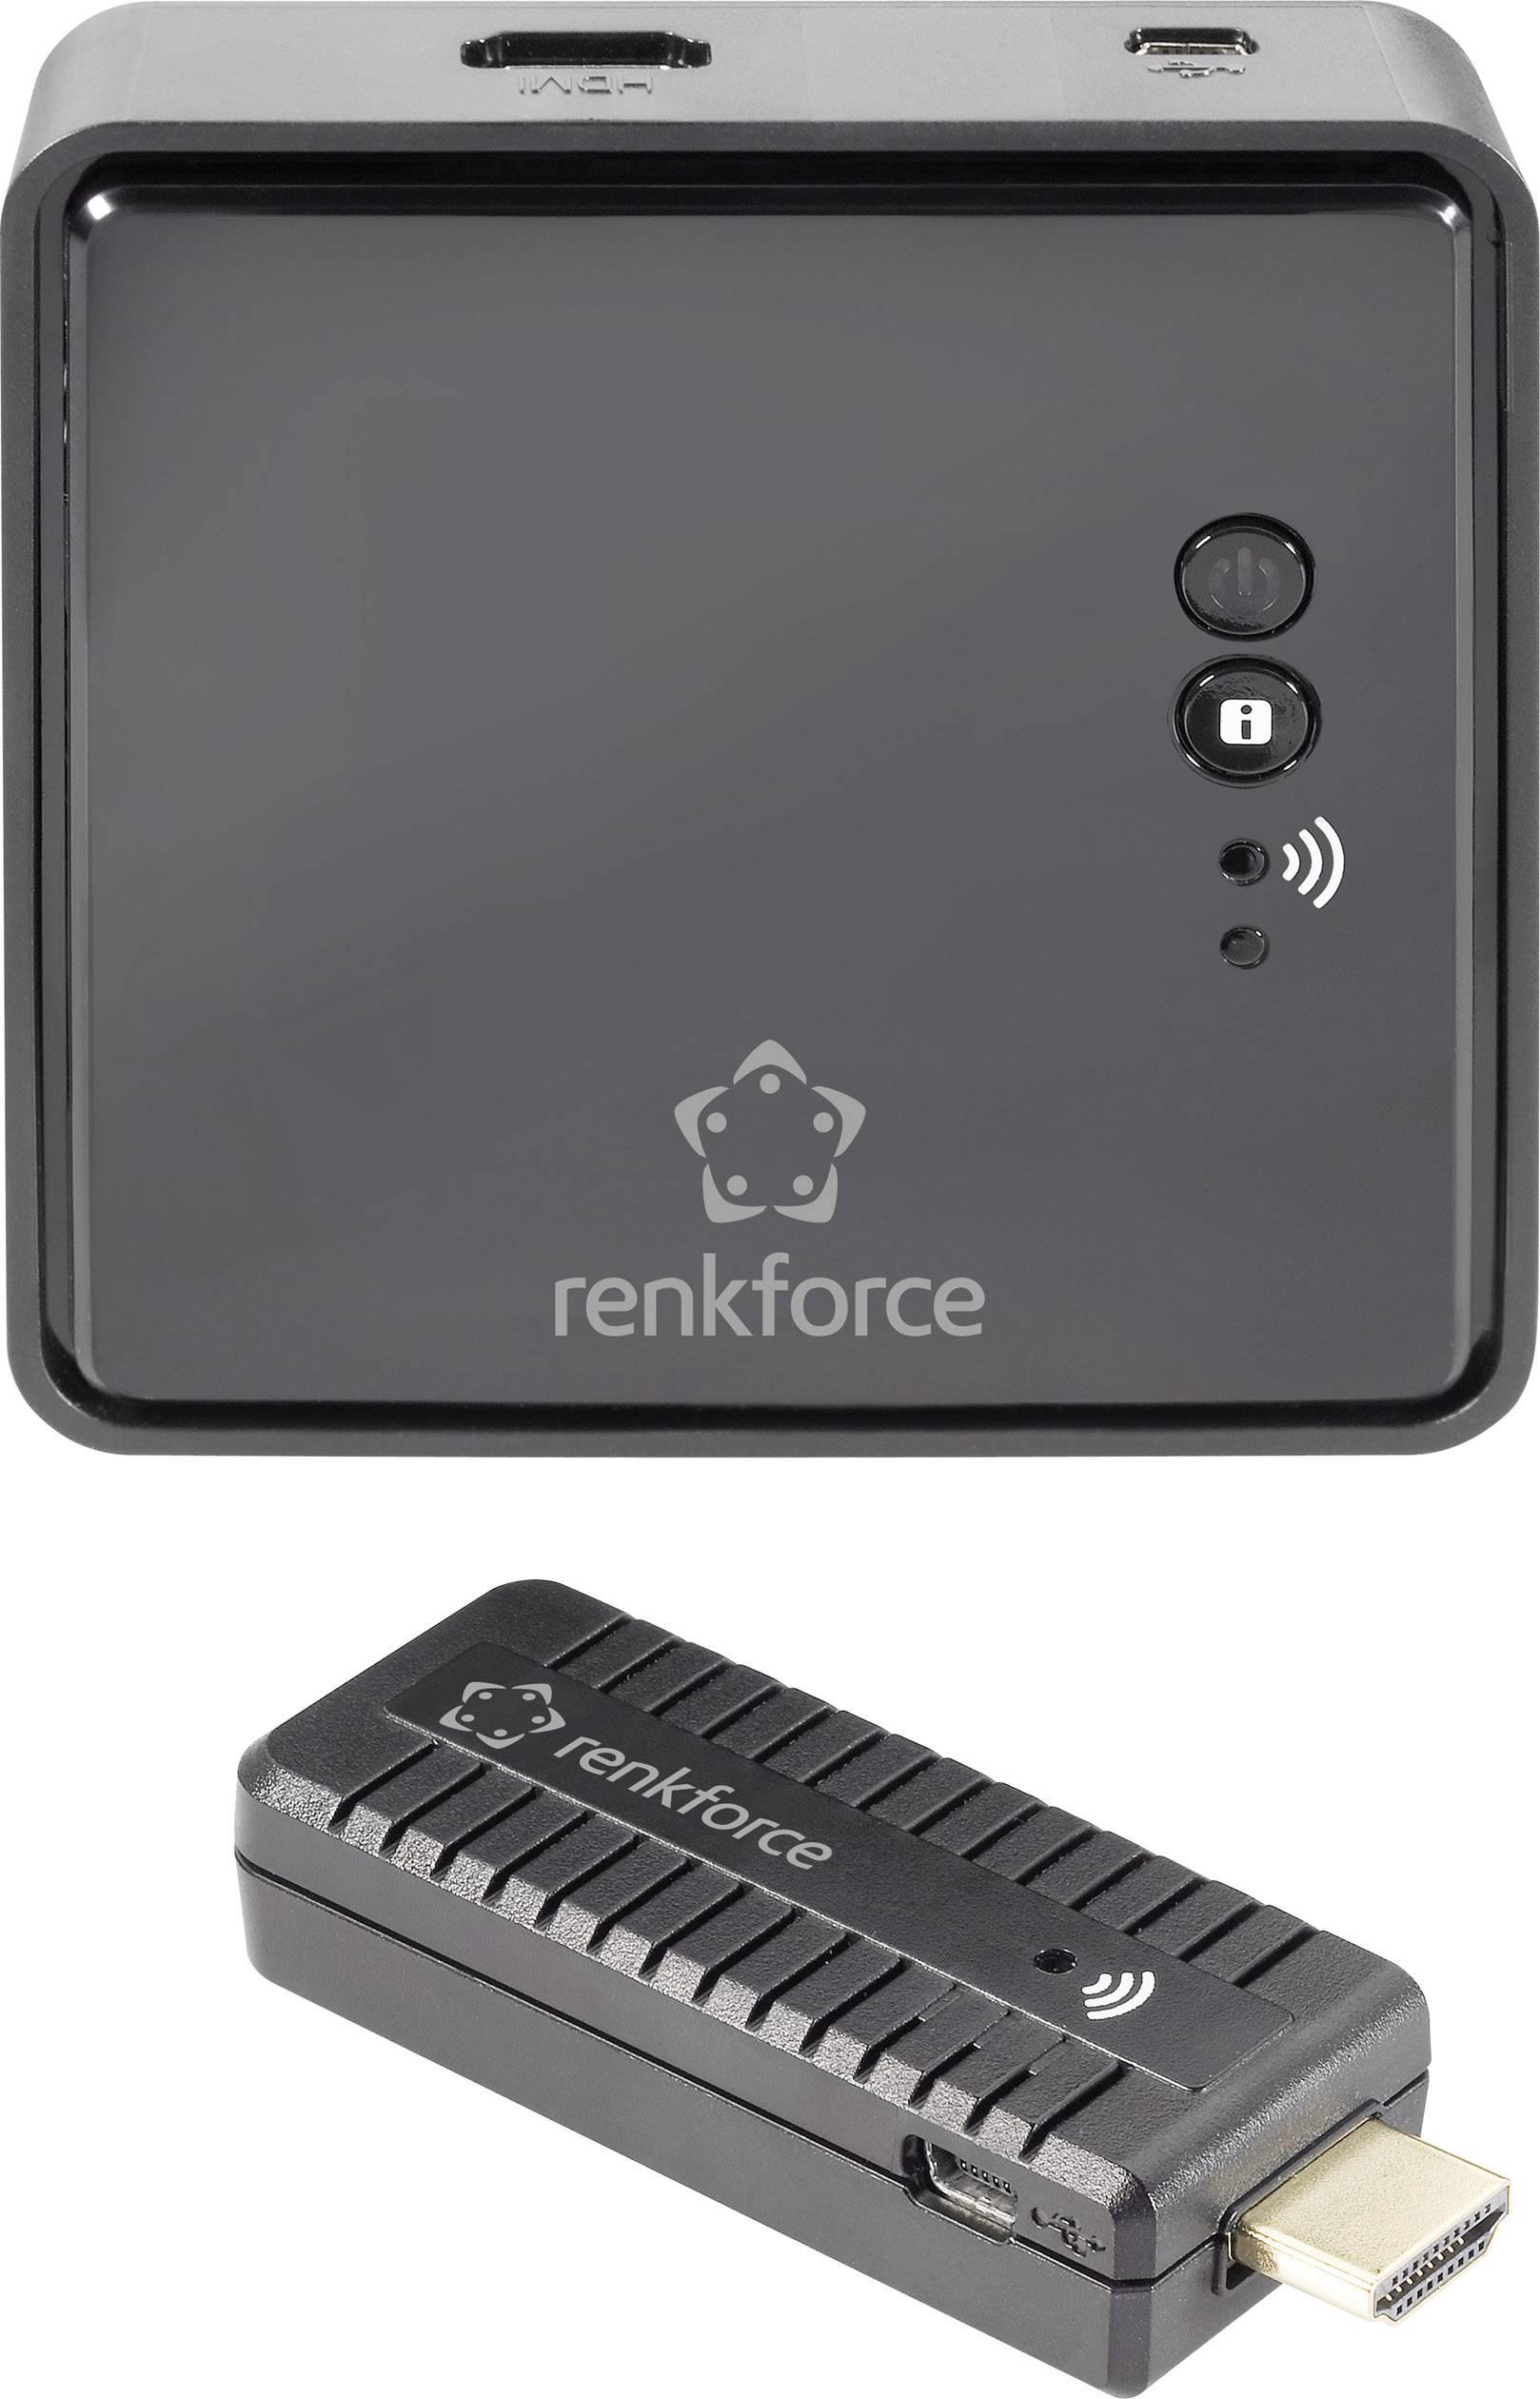 Bezdrátový přenos HDMI signálu Renkforce 10 m, 5 GHz, 1920 x 1080 px, černá